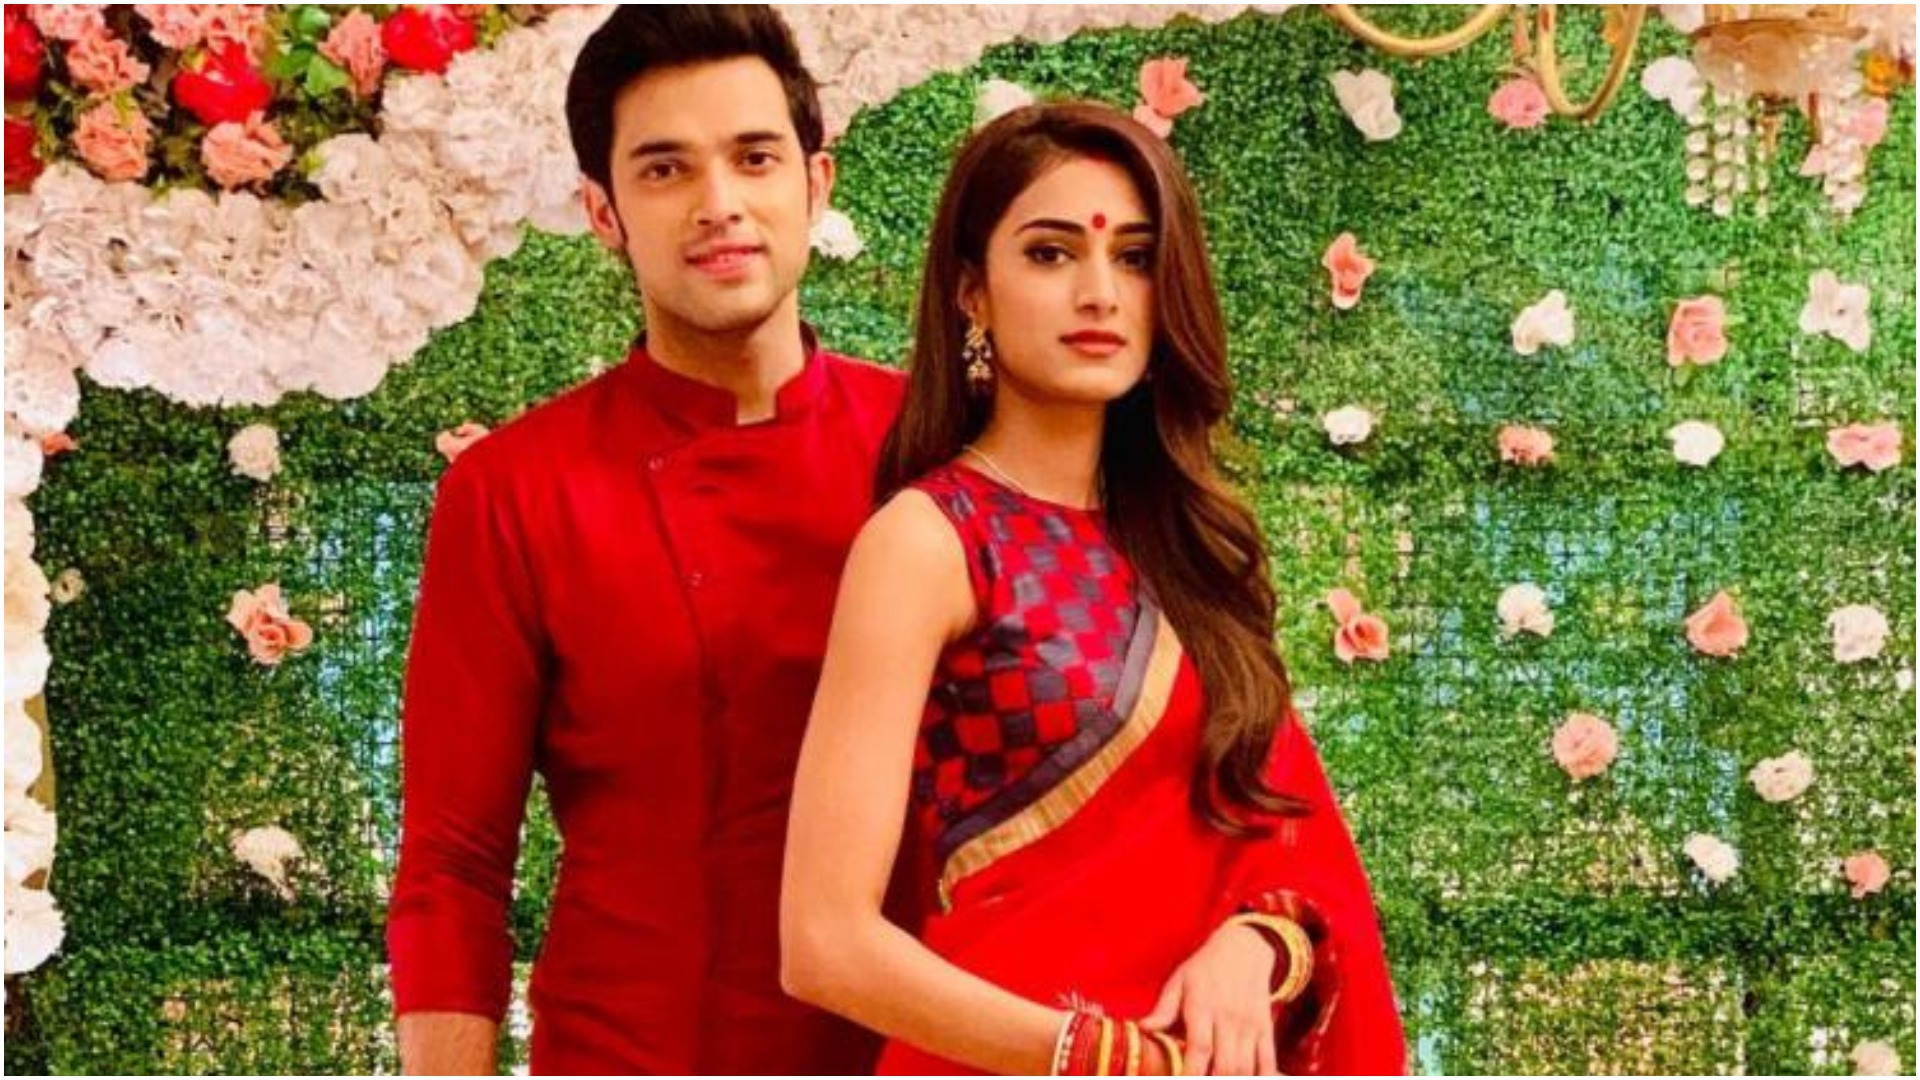 Kasautii Zindagii Kay 2: पार्थ समथान और एरिका फर्नाडीज़ बनेंगे डांस पार्टनर, नच बलिये 9 में होगी एंट्री